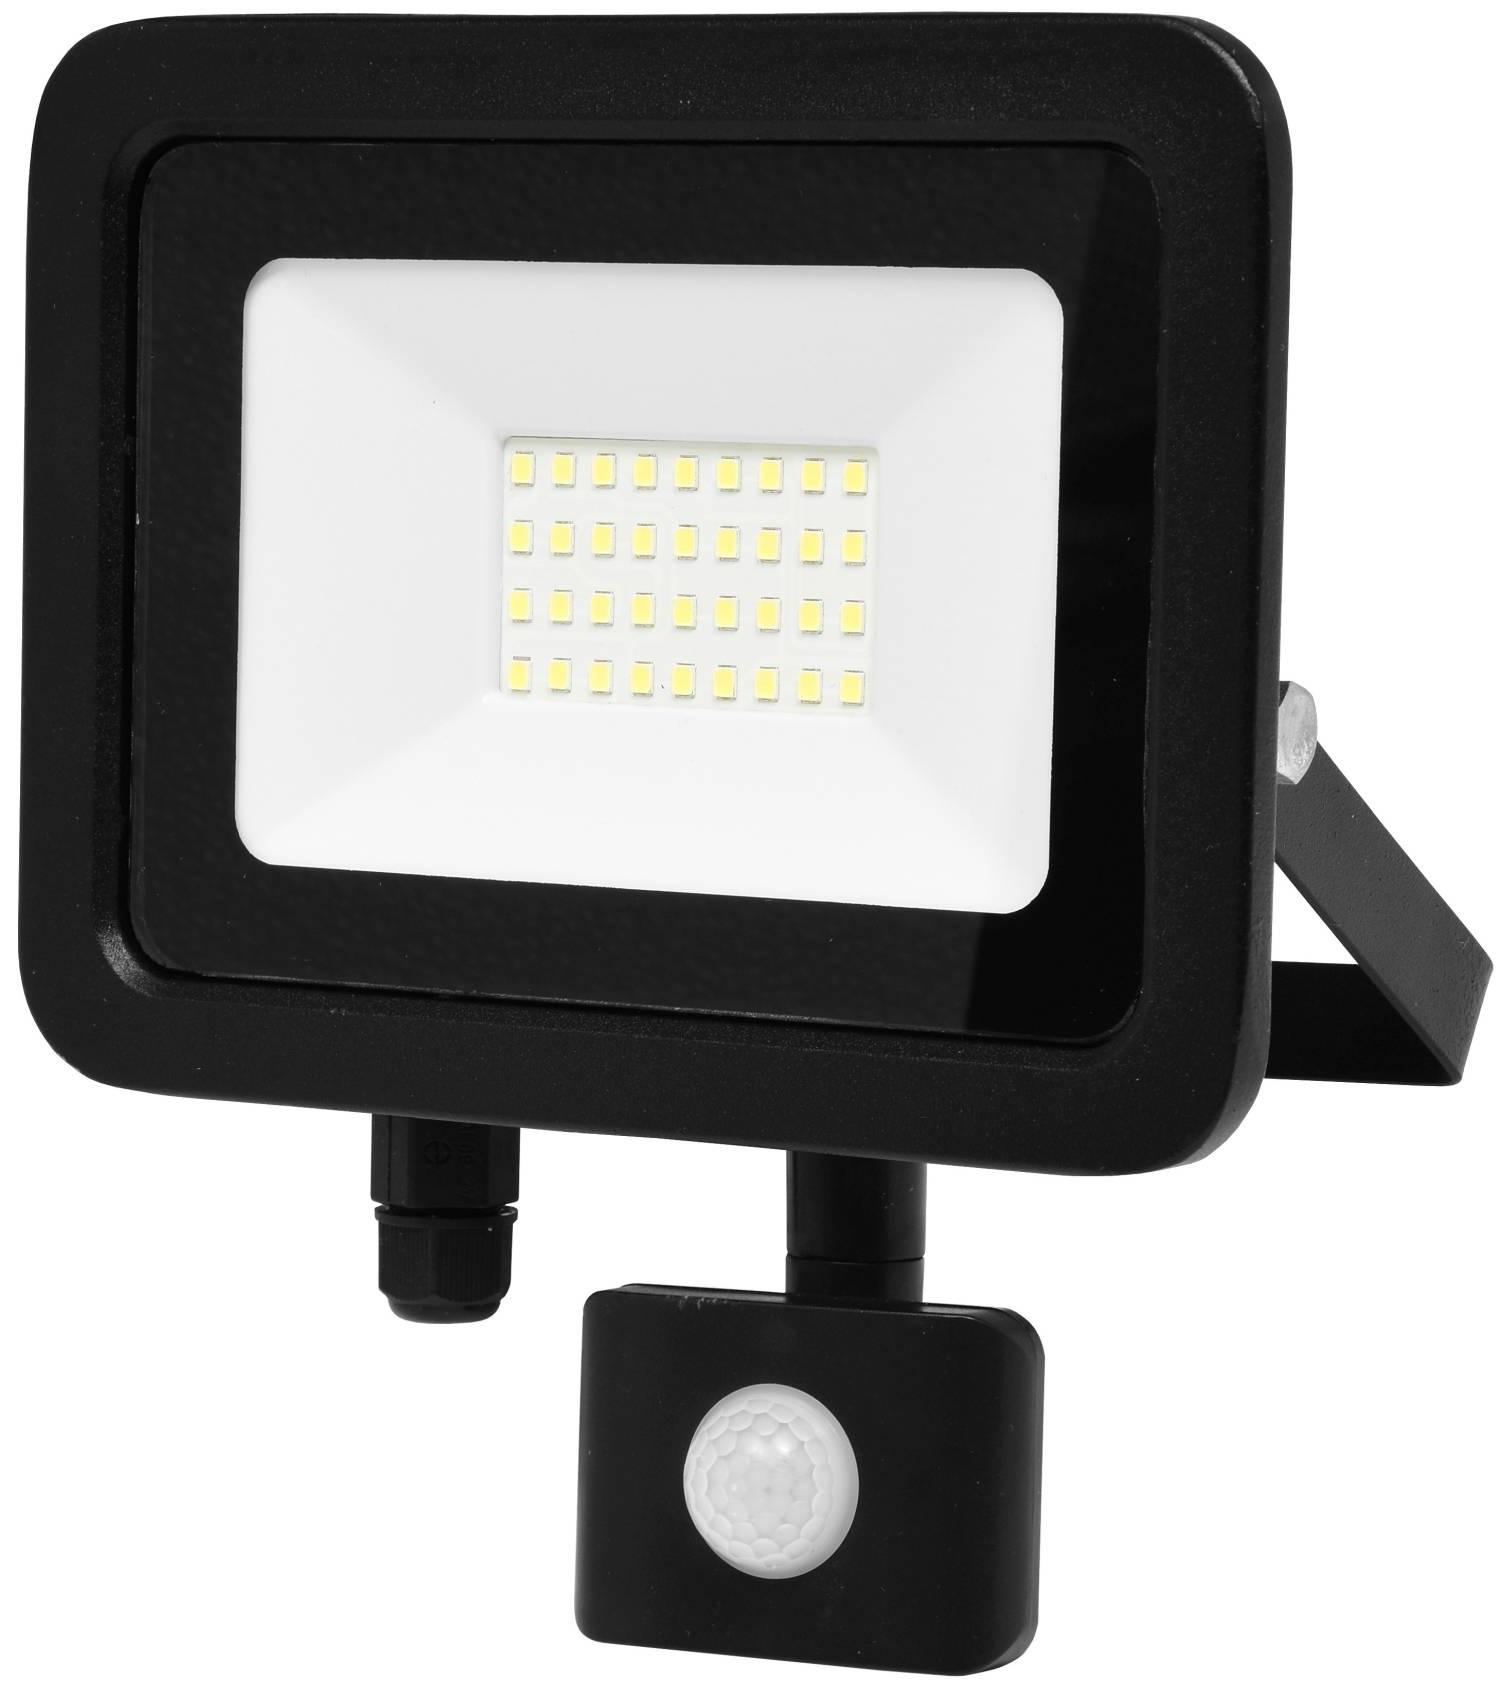 Ecolite Černý LED reflektor 30W s pohybovým čidlem RLED48WL-30W/PIR